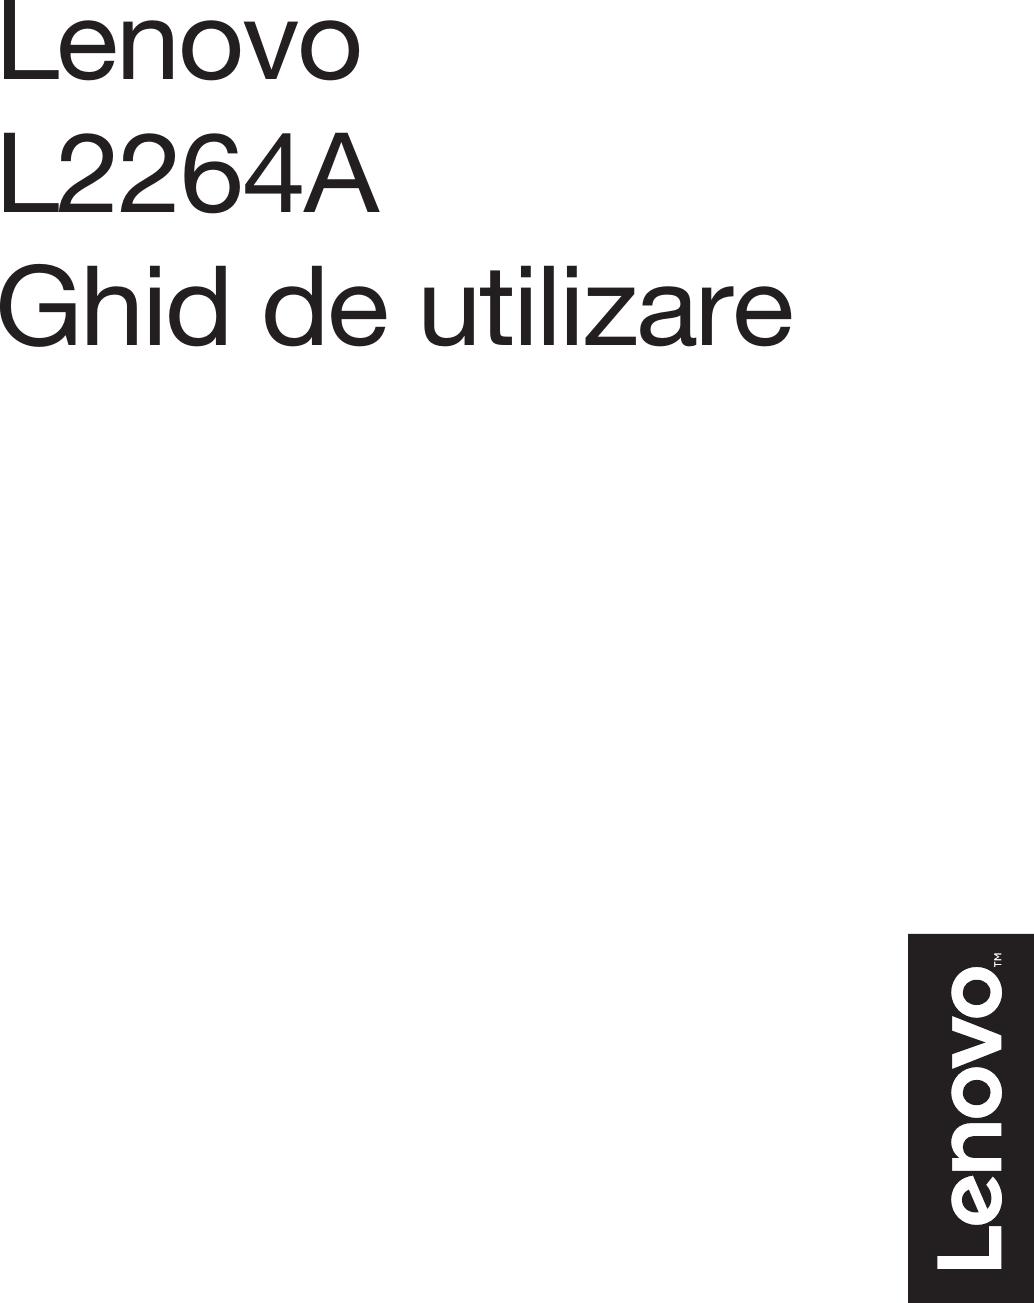 Lenovo Li2264D Ro V1.0 201603 User Manual (Romanian) Guide